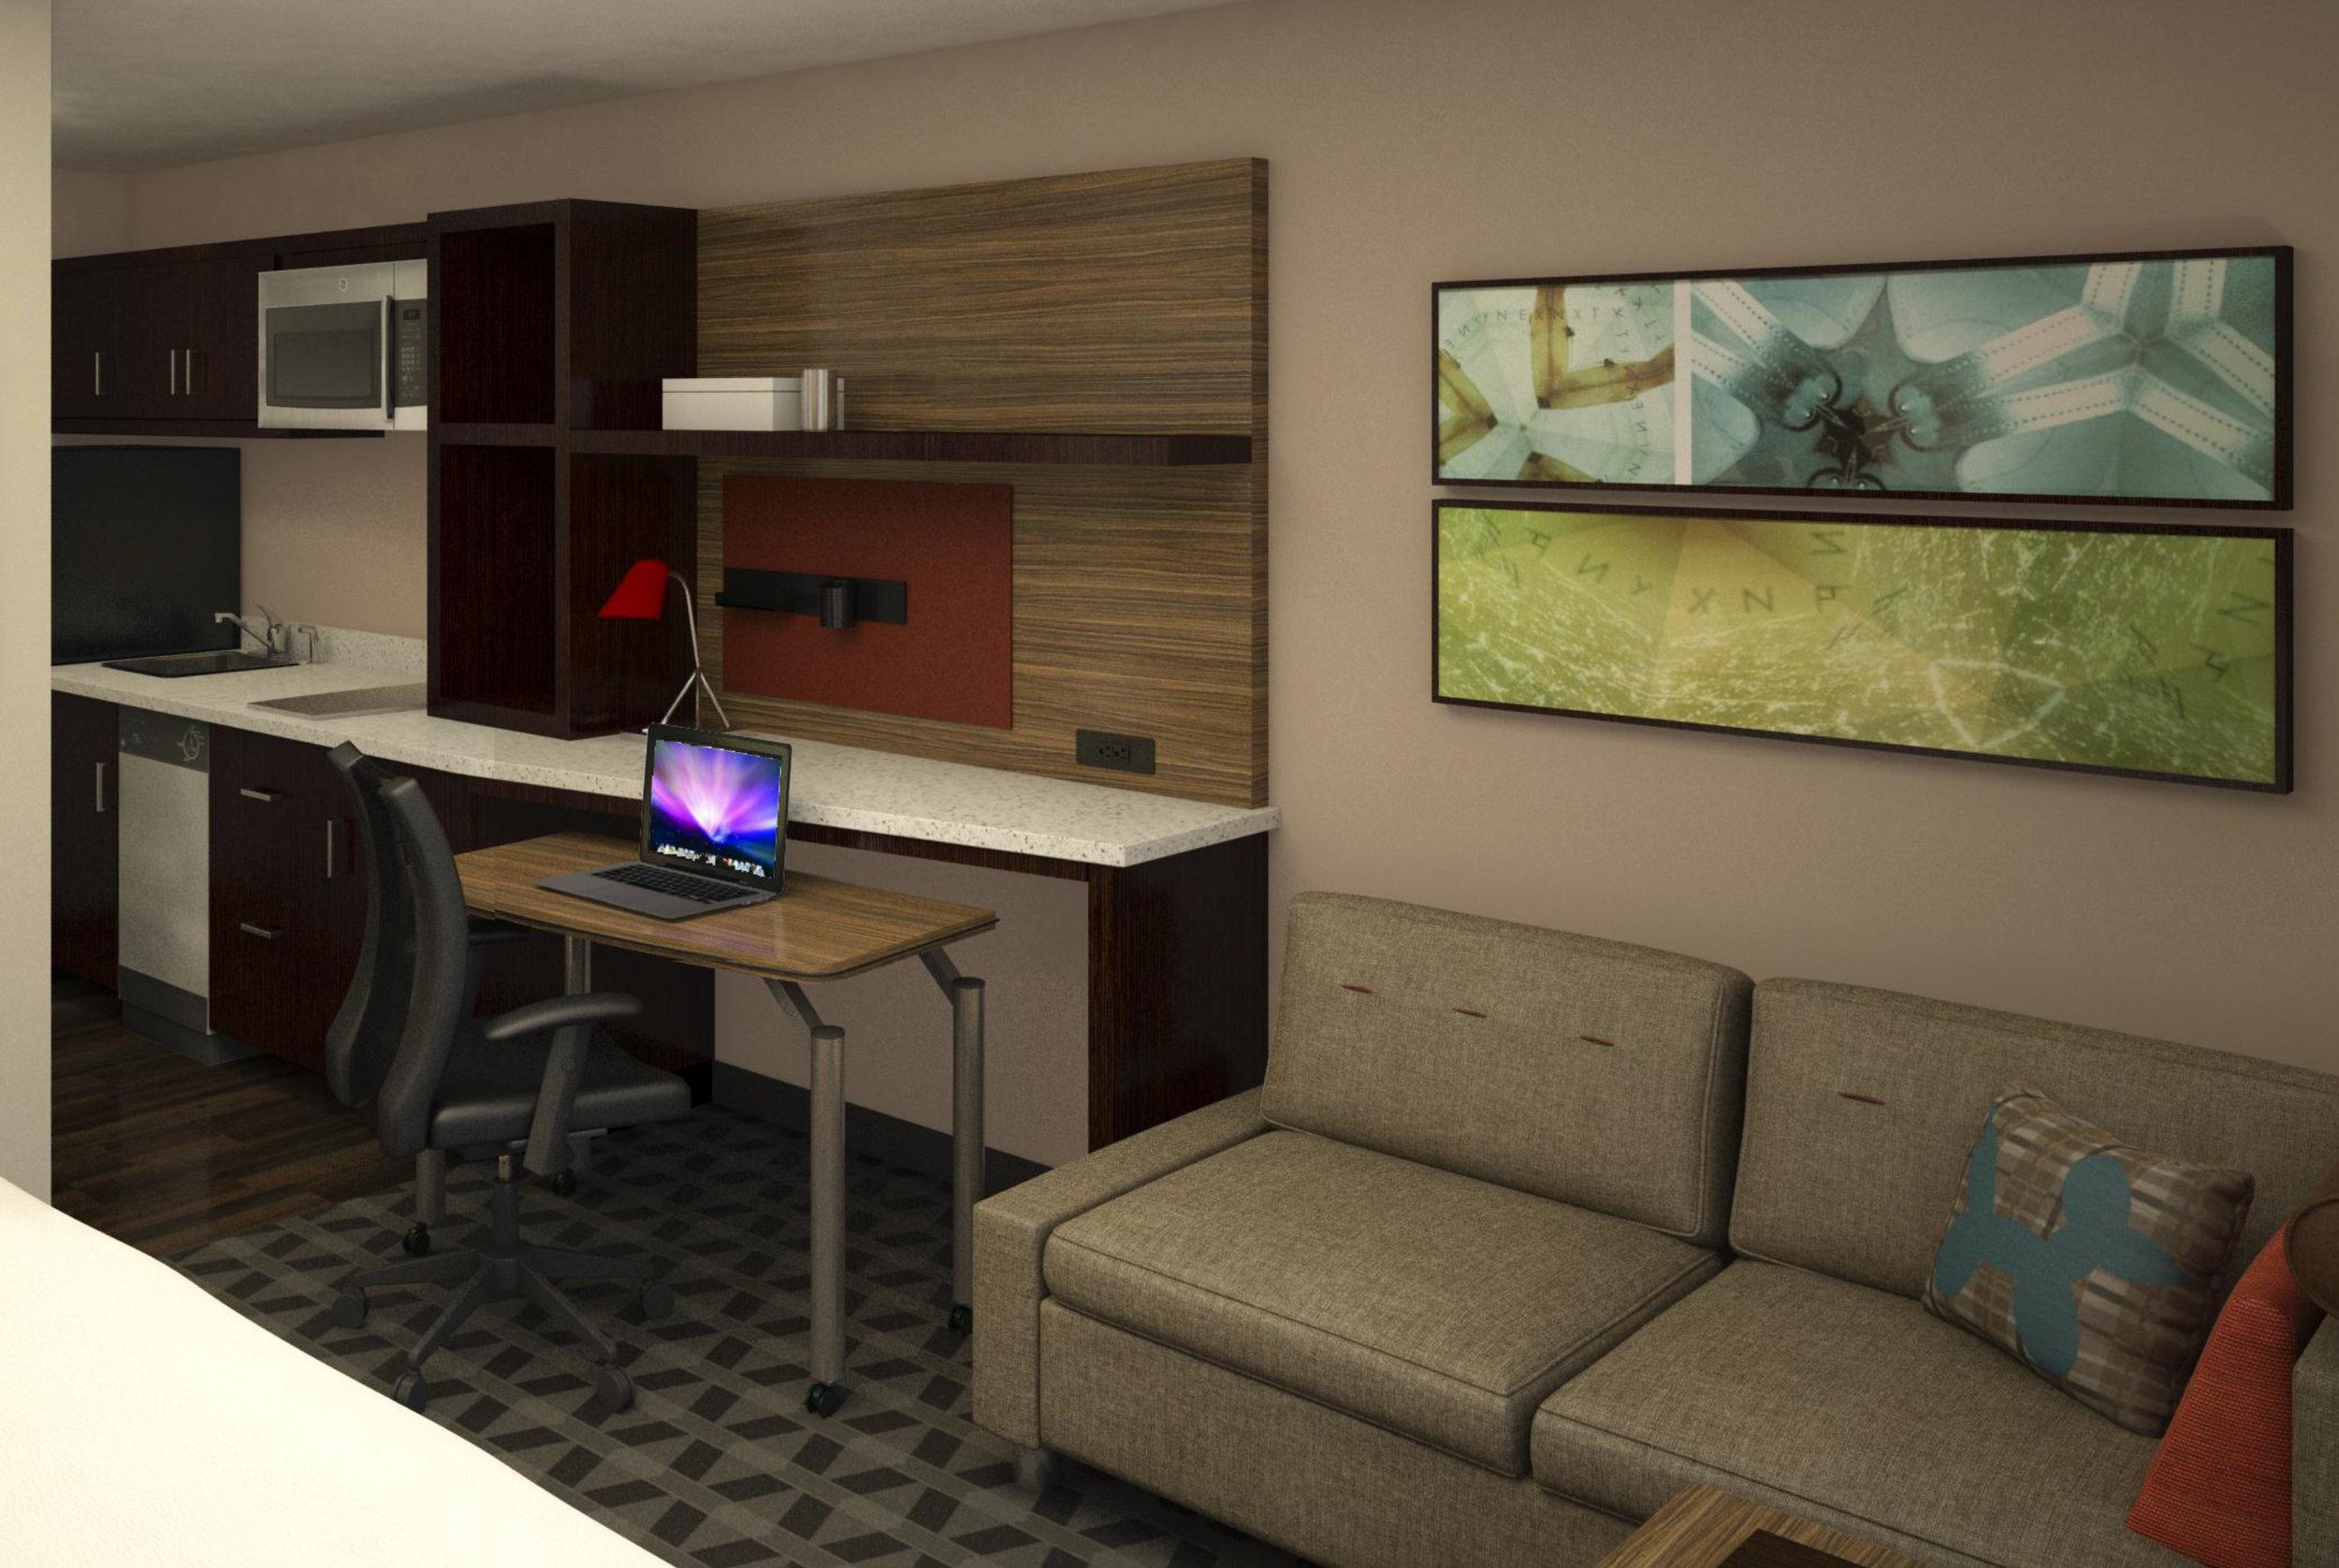 TownePlaceSuites-rendering-guest2.jpg